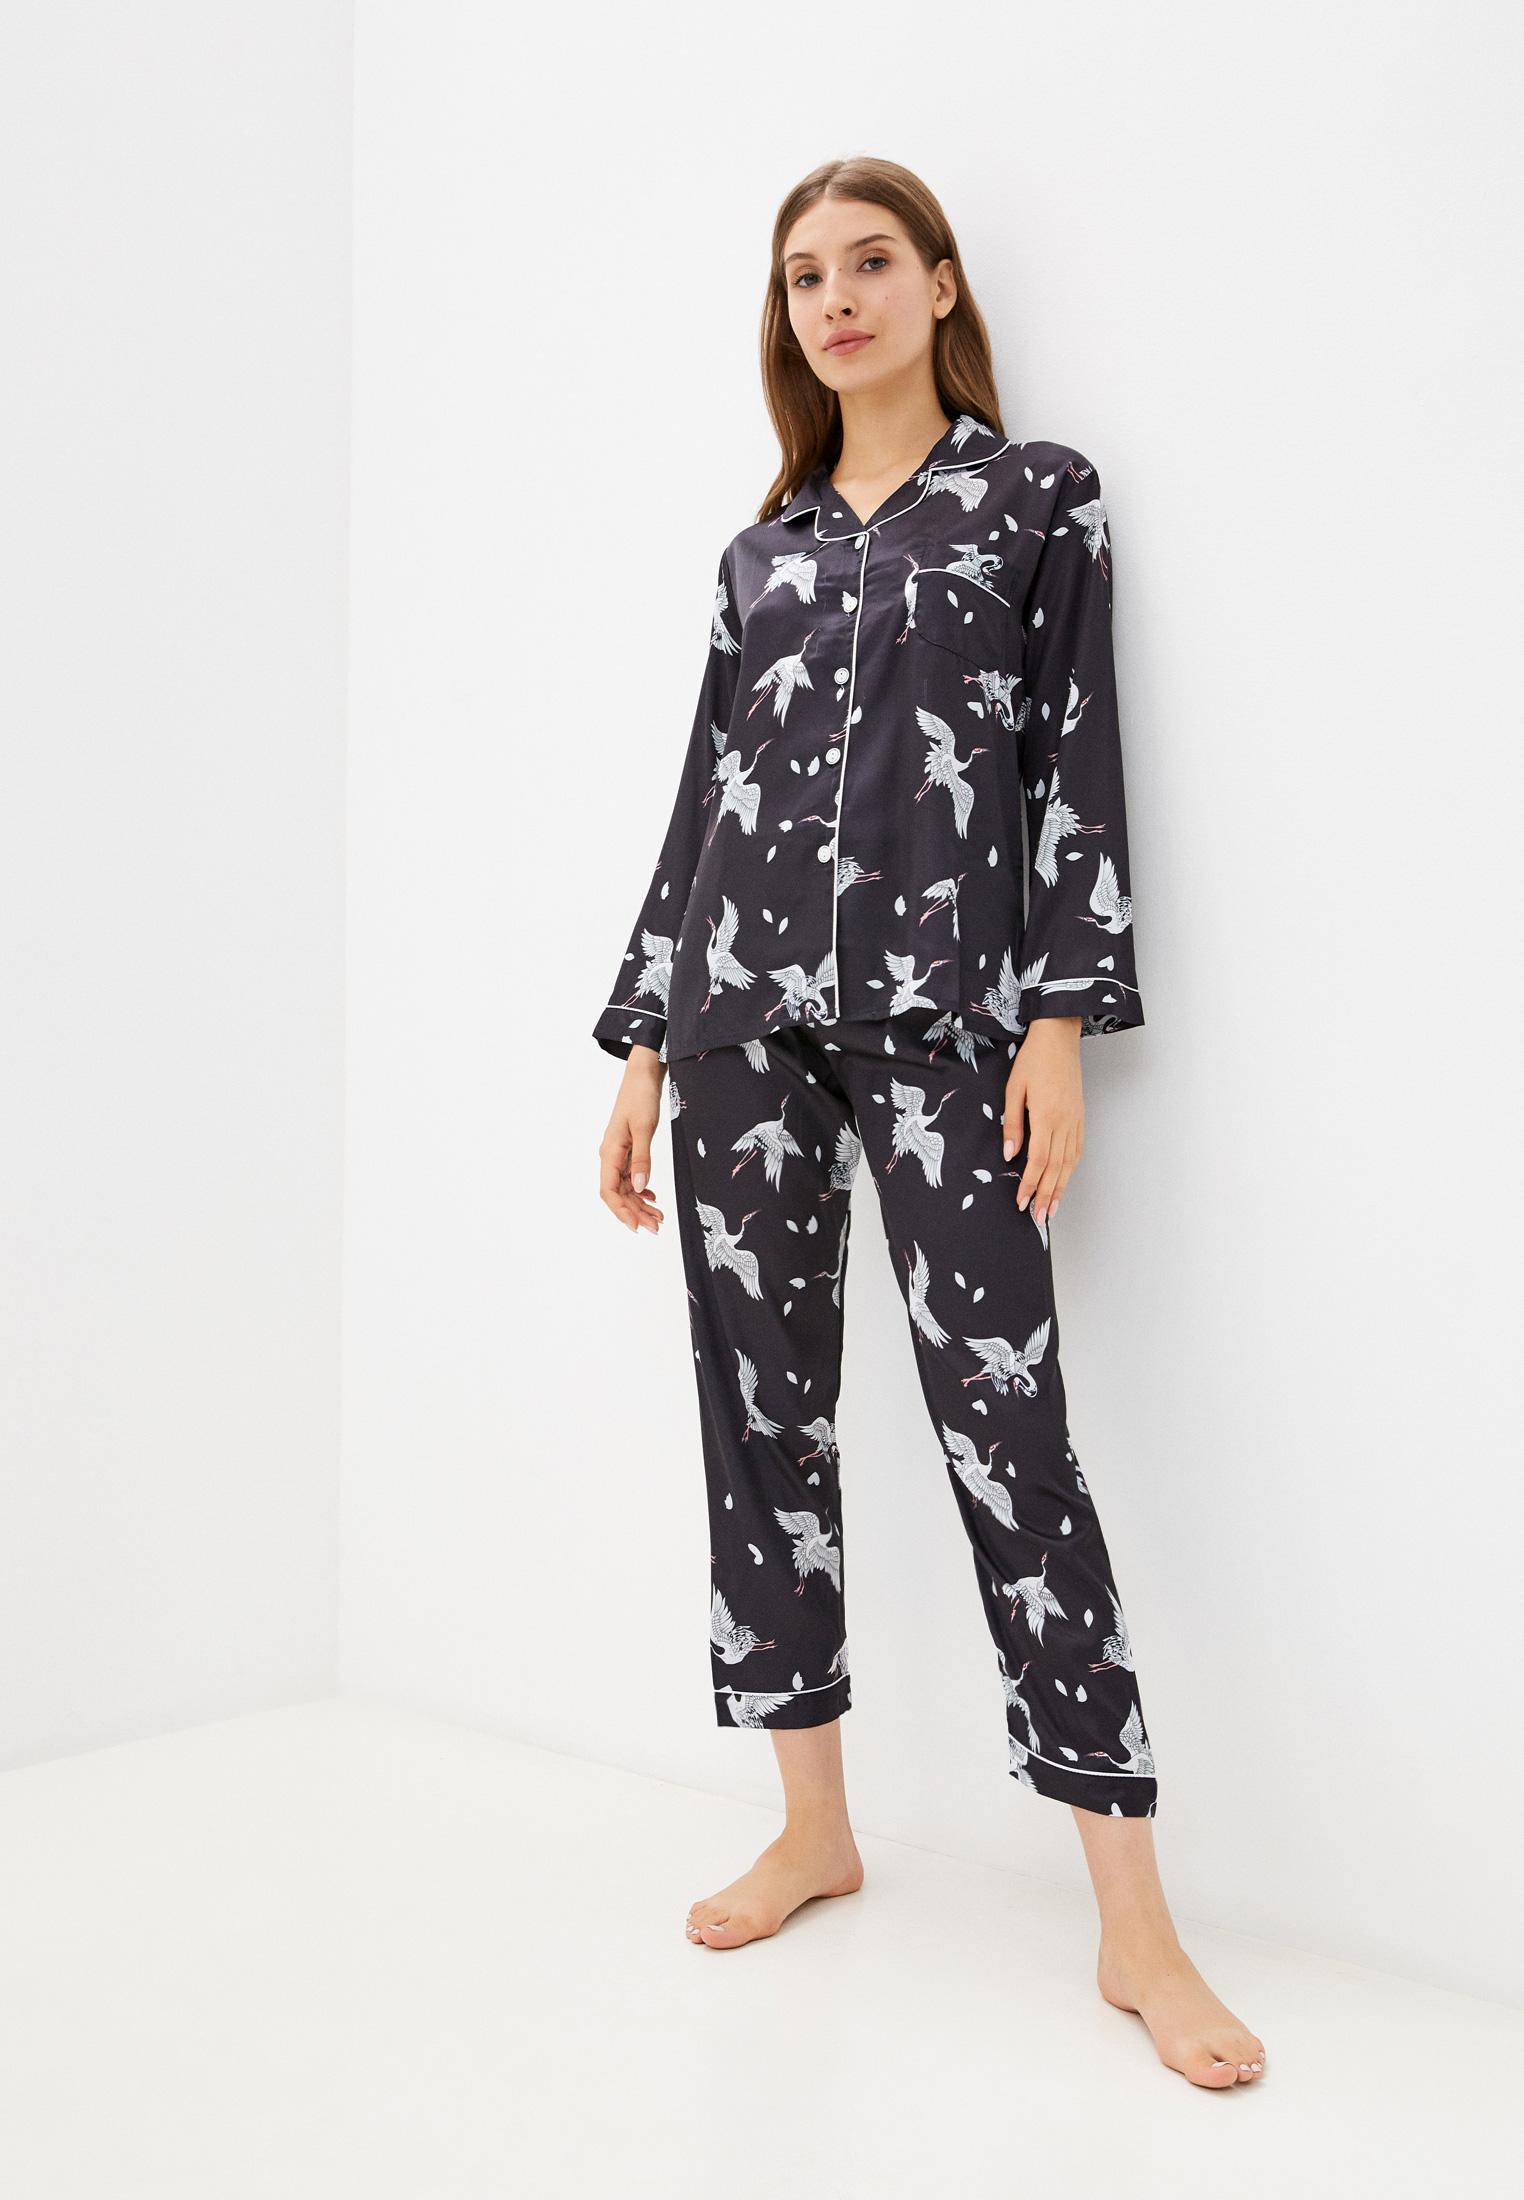 Женское белье и одежда для дома SleepShy SL187